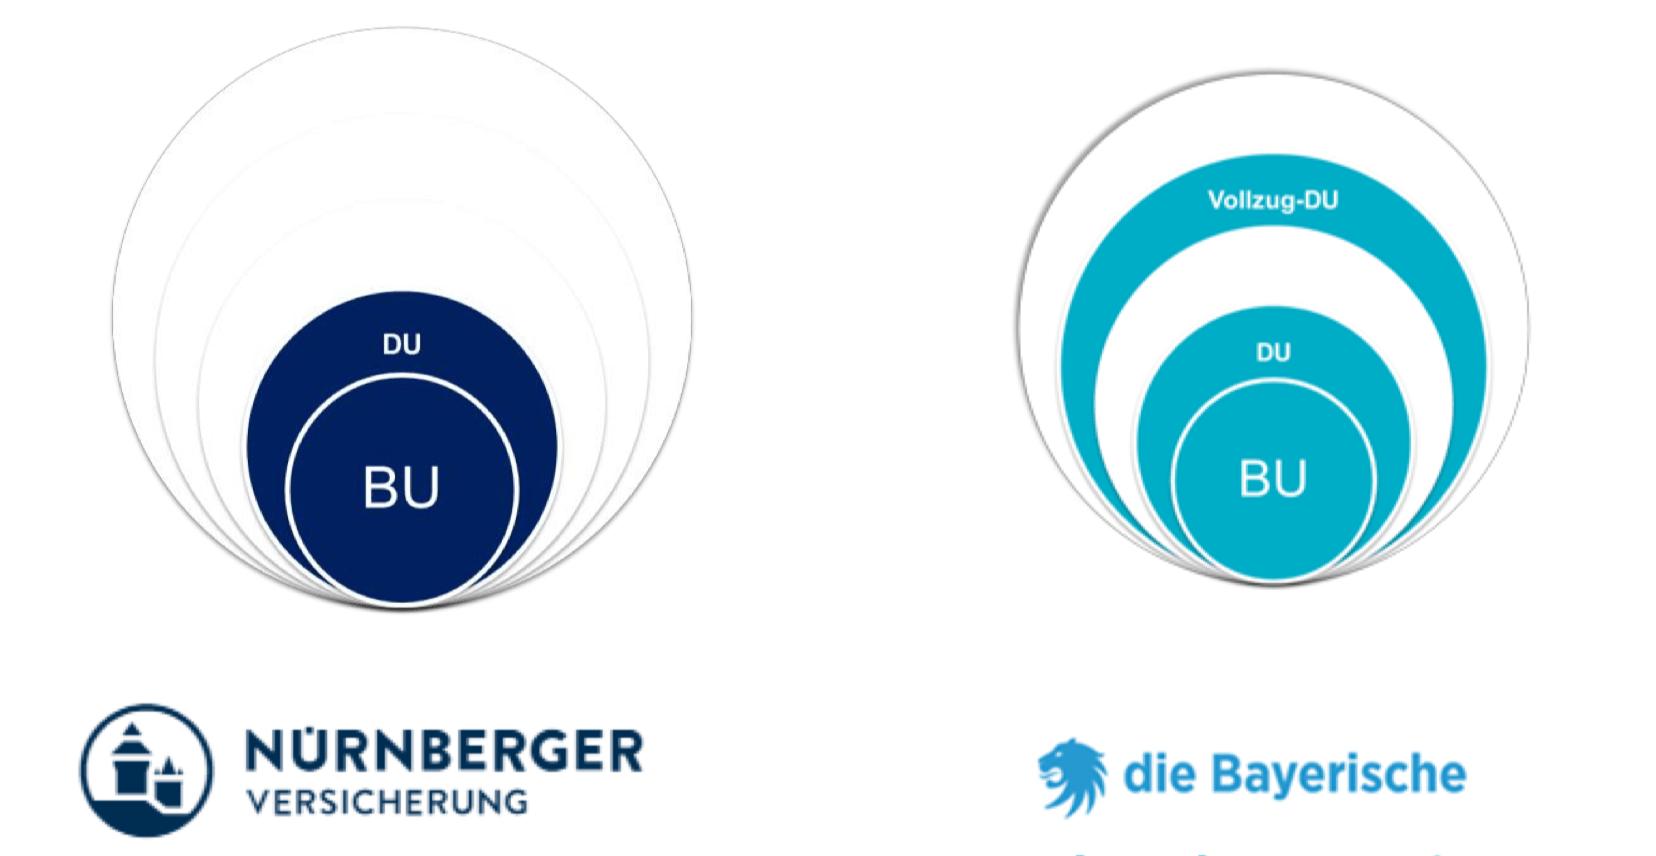 Bedingungen Dienstunfähigkeit Nürnberger , die Bayerische